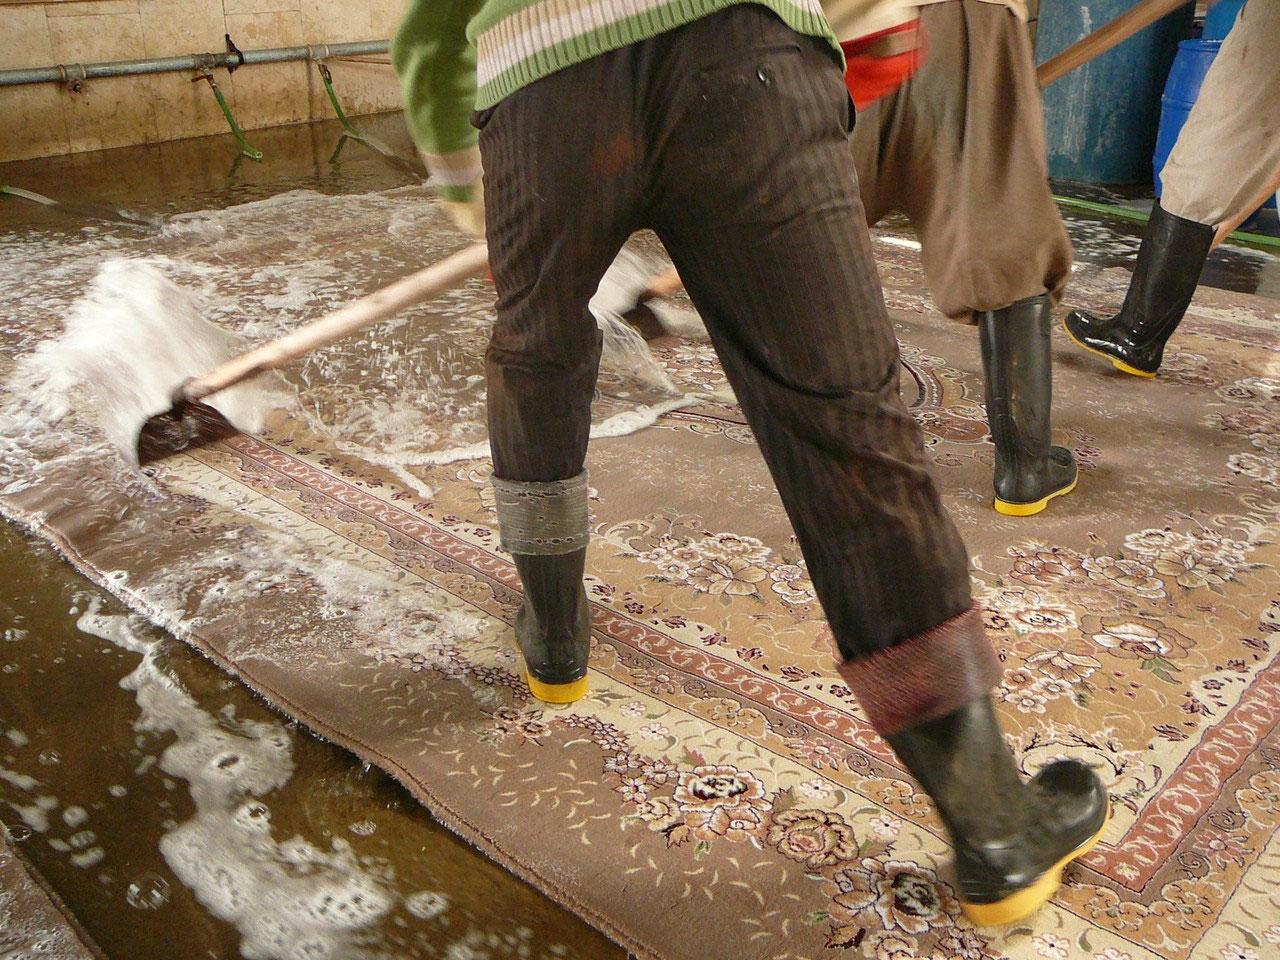 Lavaggio ad acqua pulizia tappeti trieste udine - Pulizia tappeto persiano ...